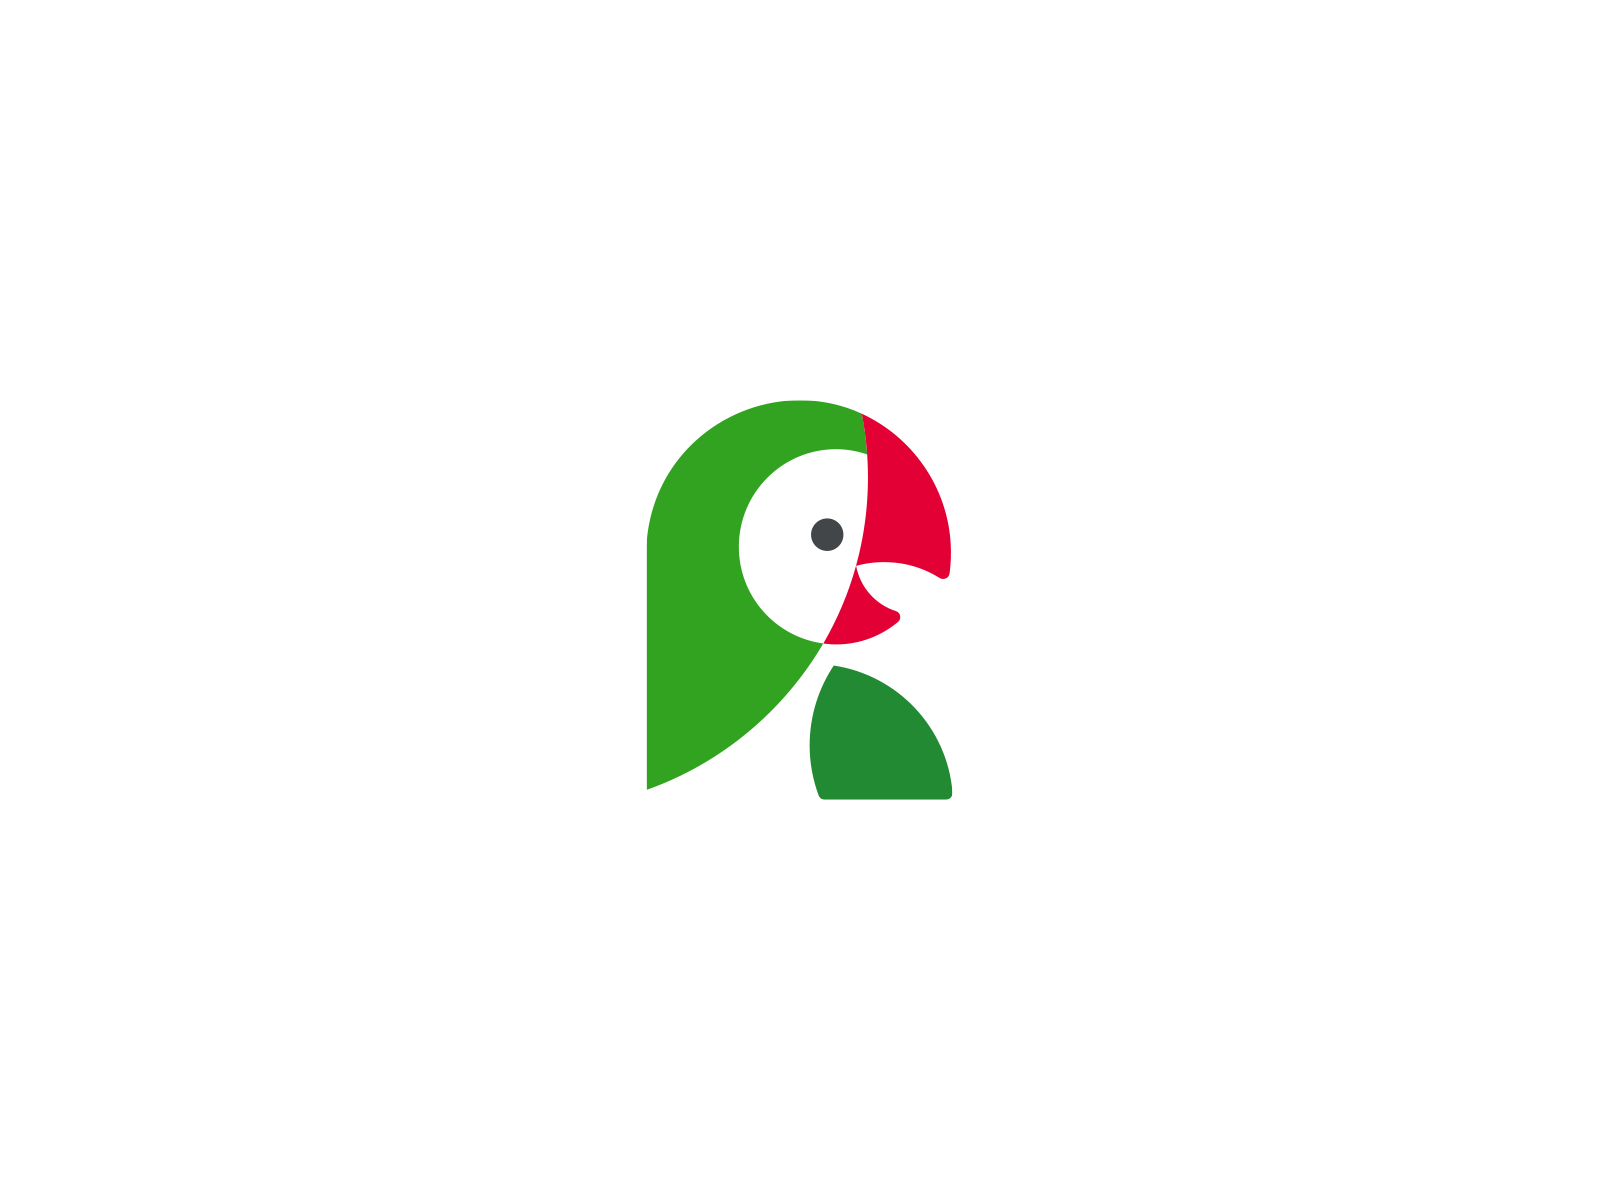 Parrot 4x